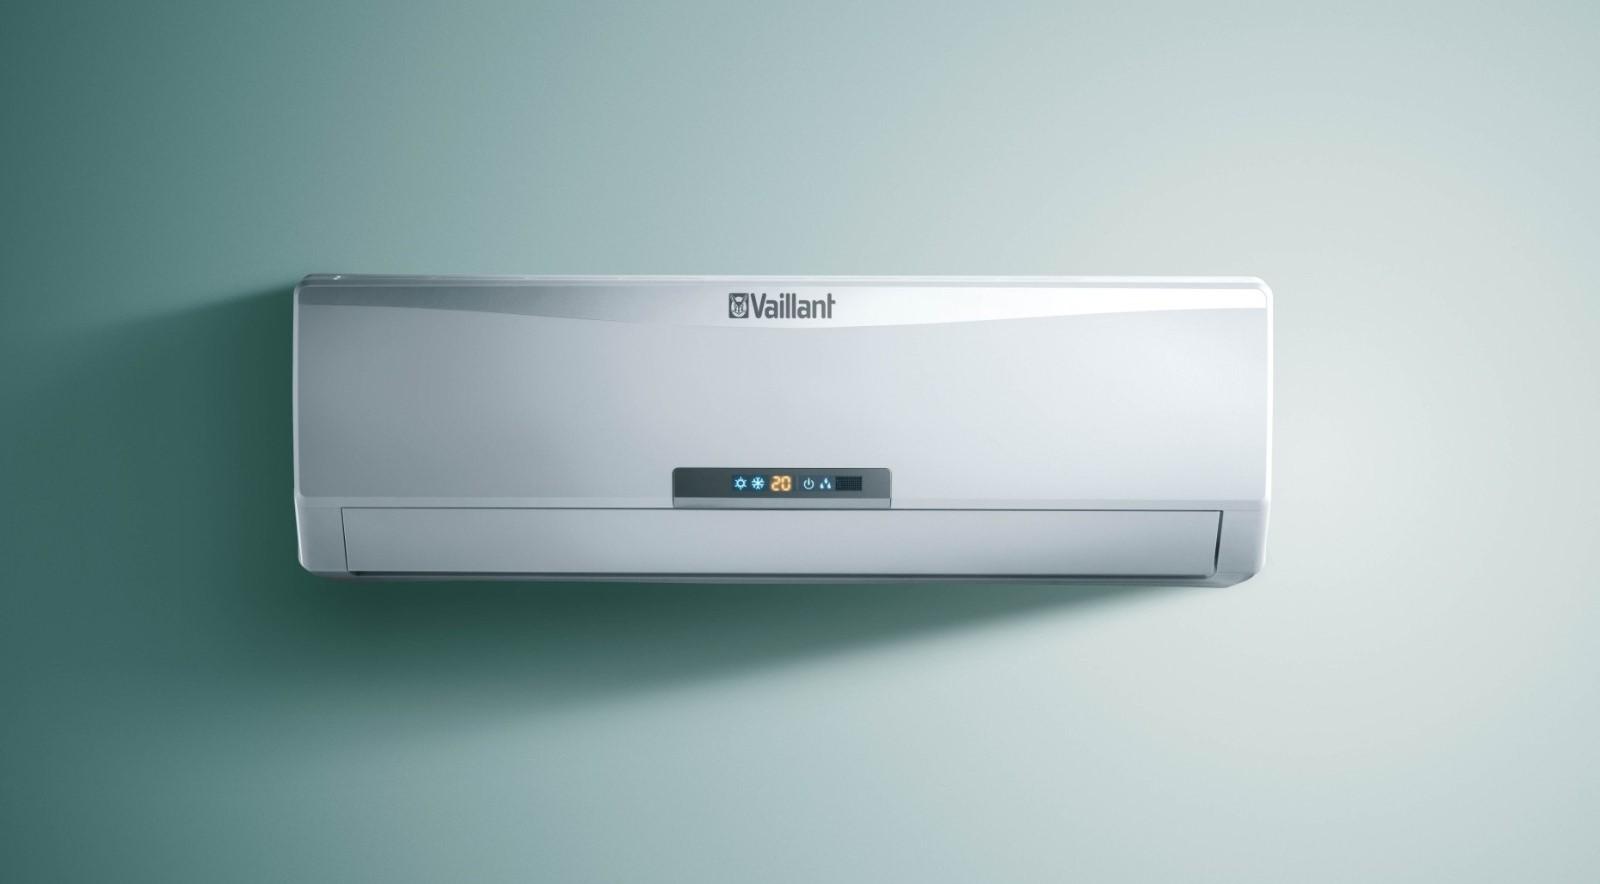 klimatizacija petrokov